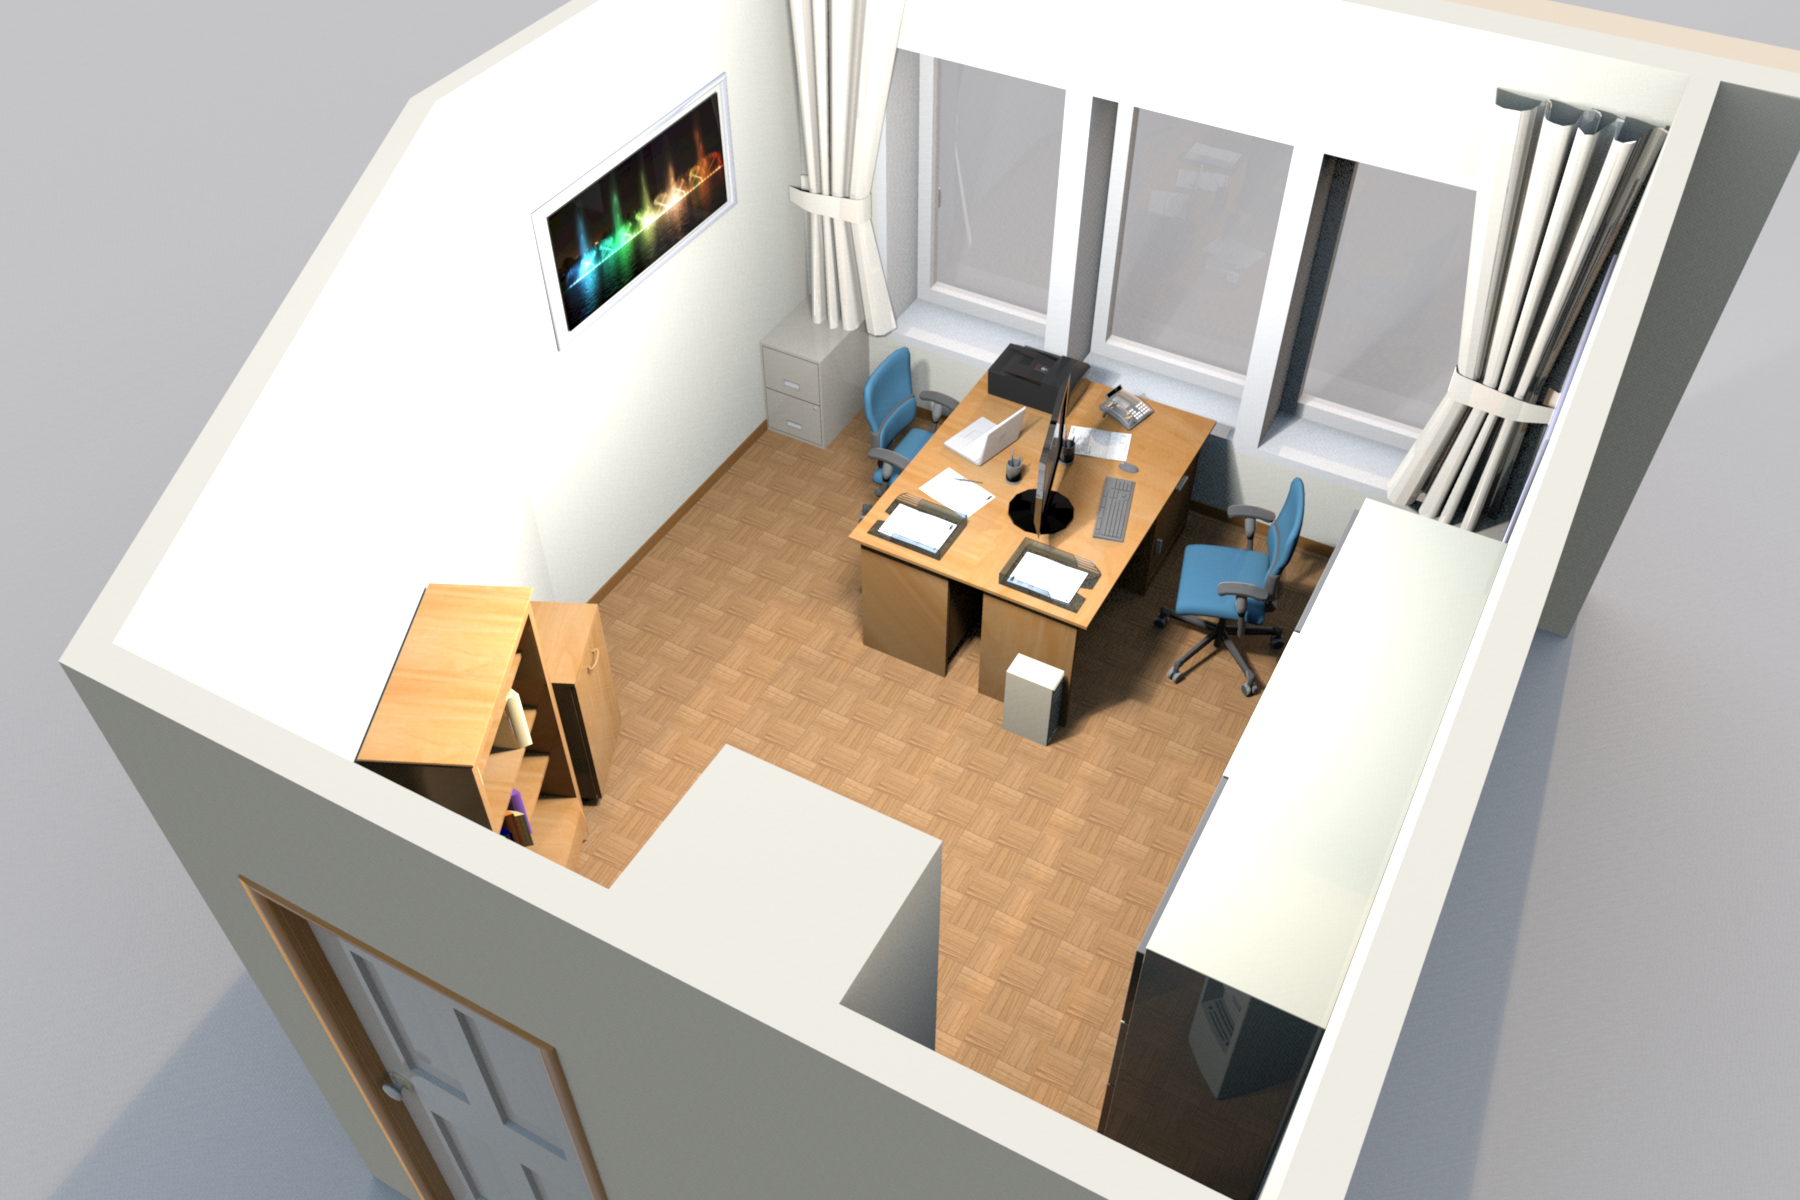 Soziales Wohnprojekt Hann. Münden: Büro Mitte